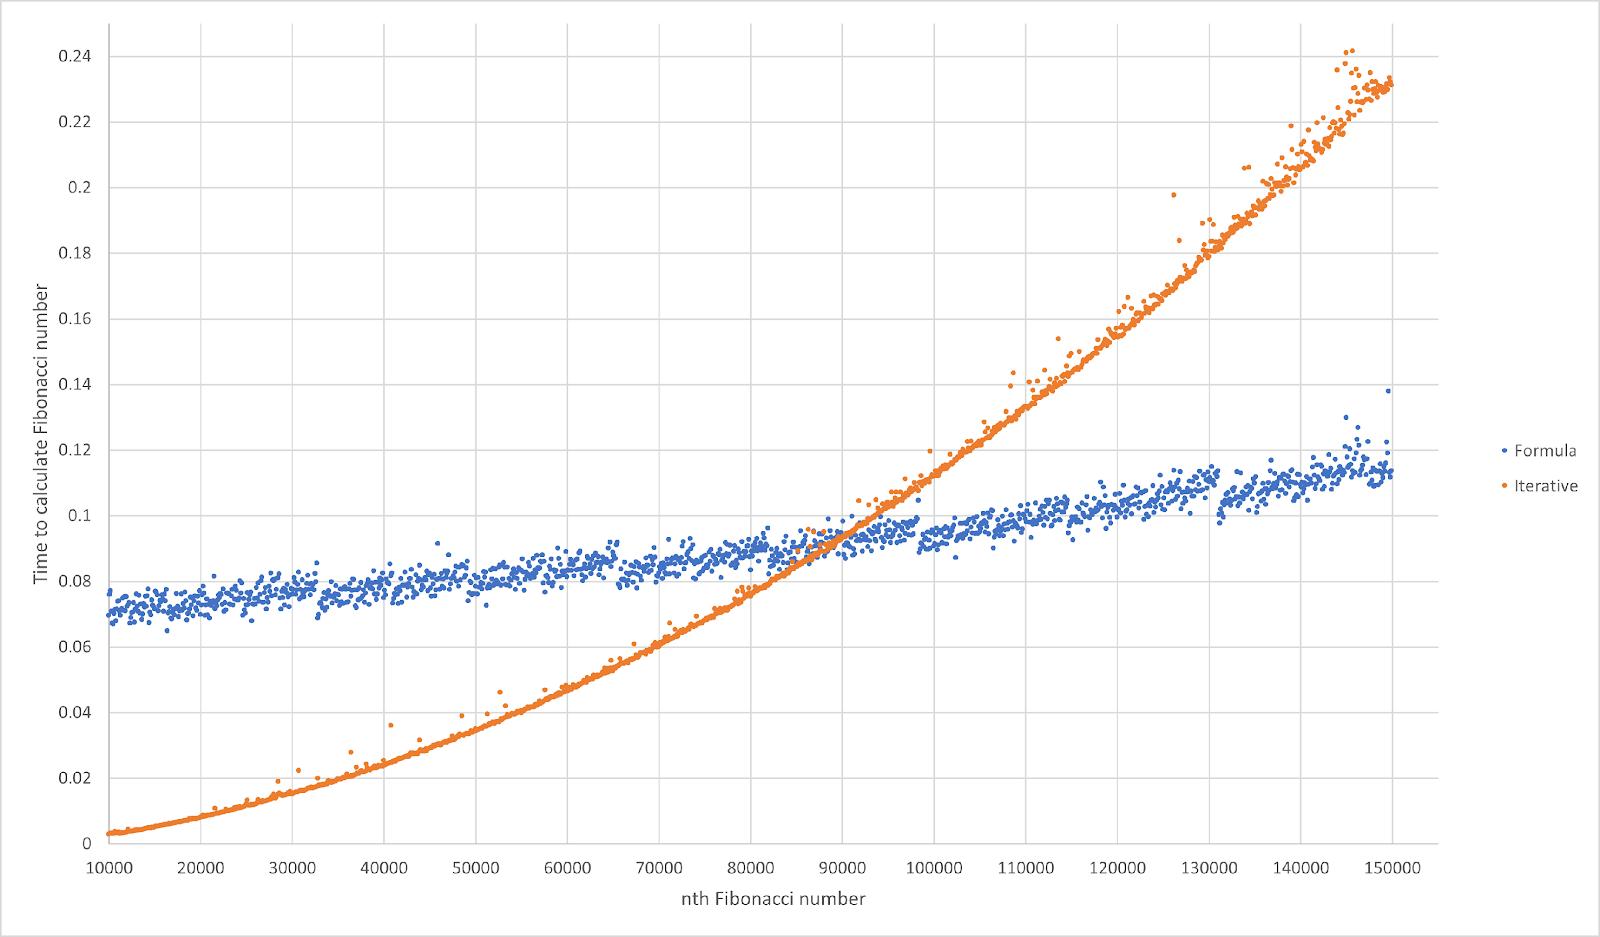 График, показывающий время работы формулы Бине и итерационного решения